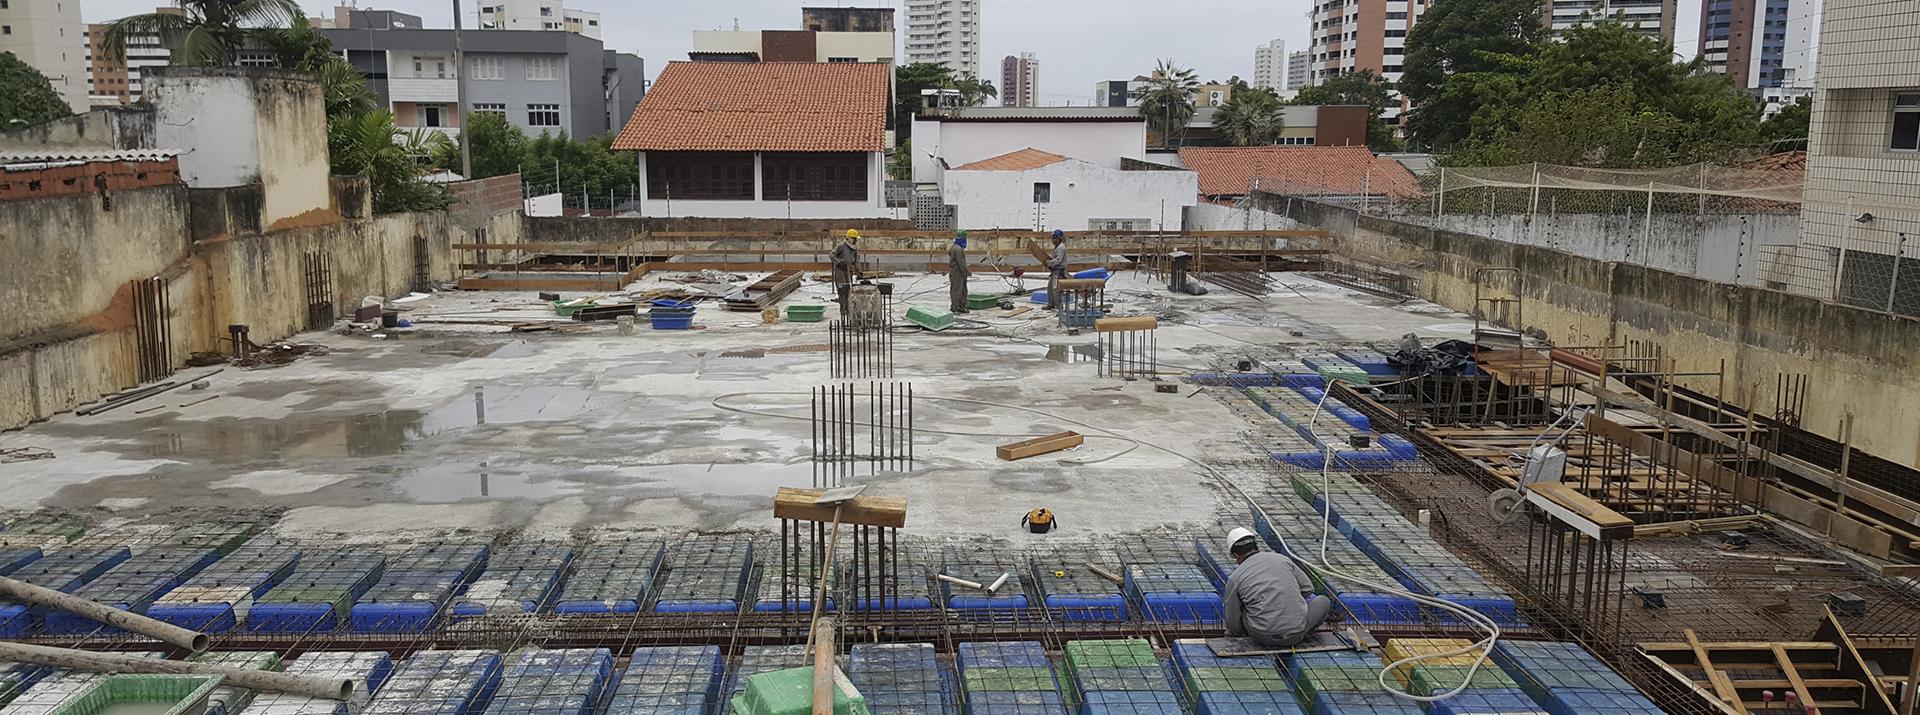 Vista Canteiro de Obra - Etapa Estrutura do Pavimento Térreo set.18